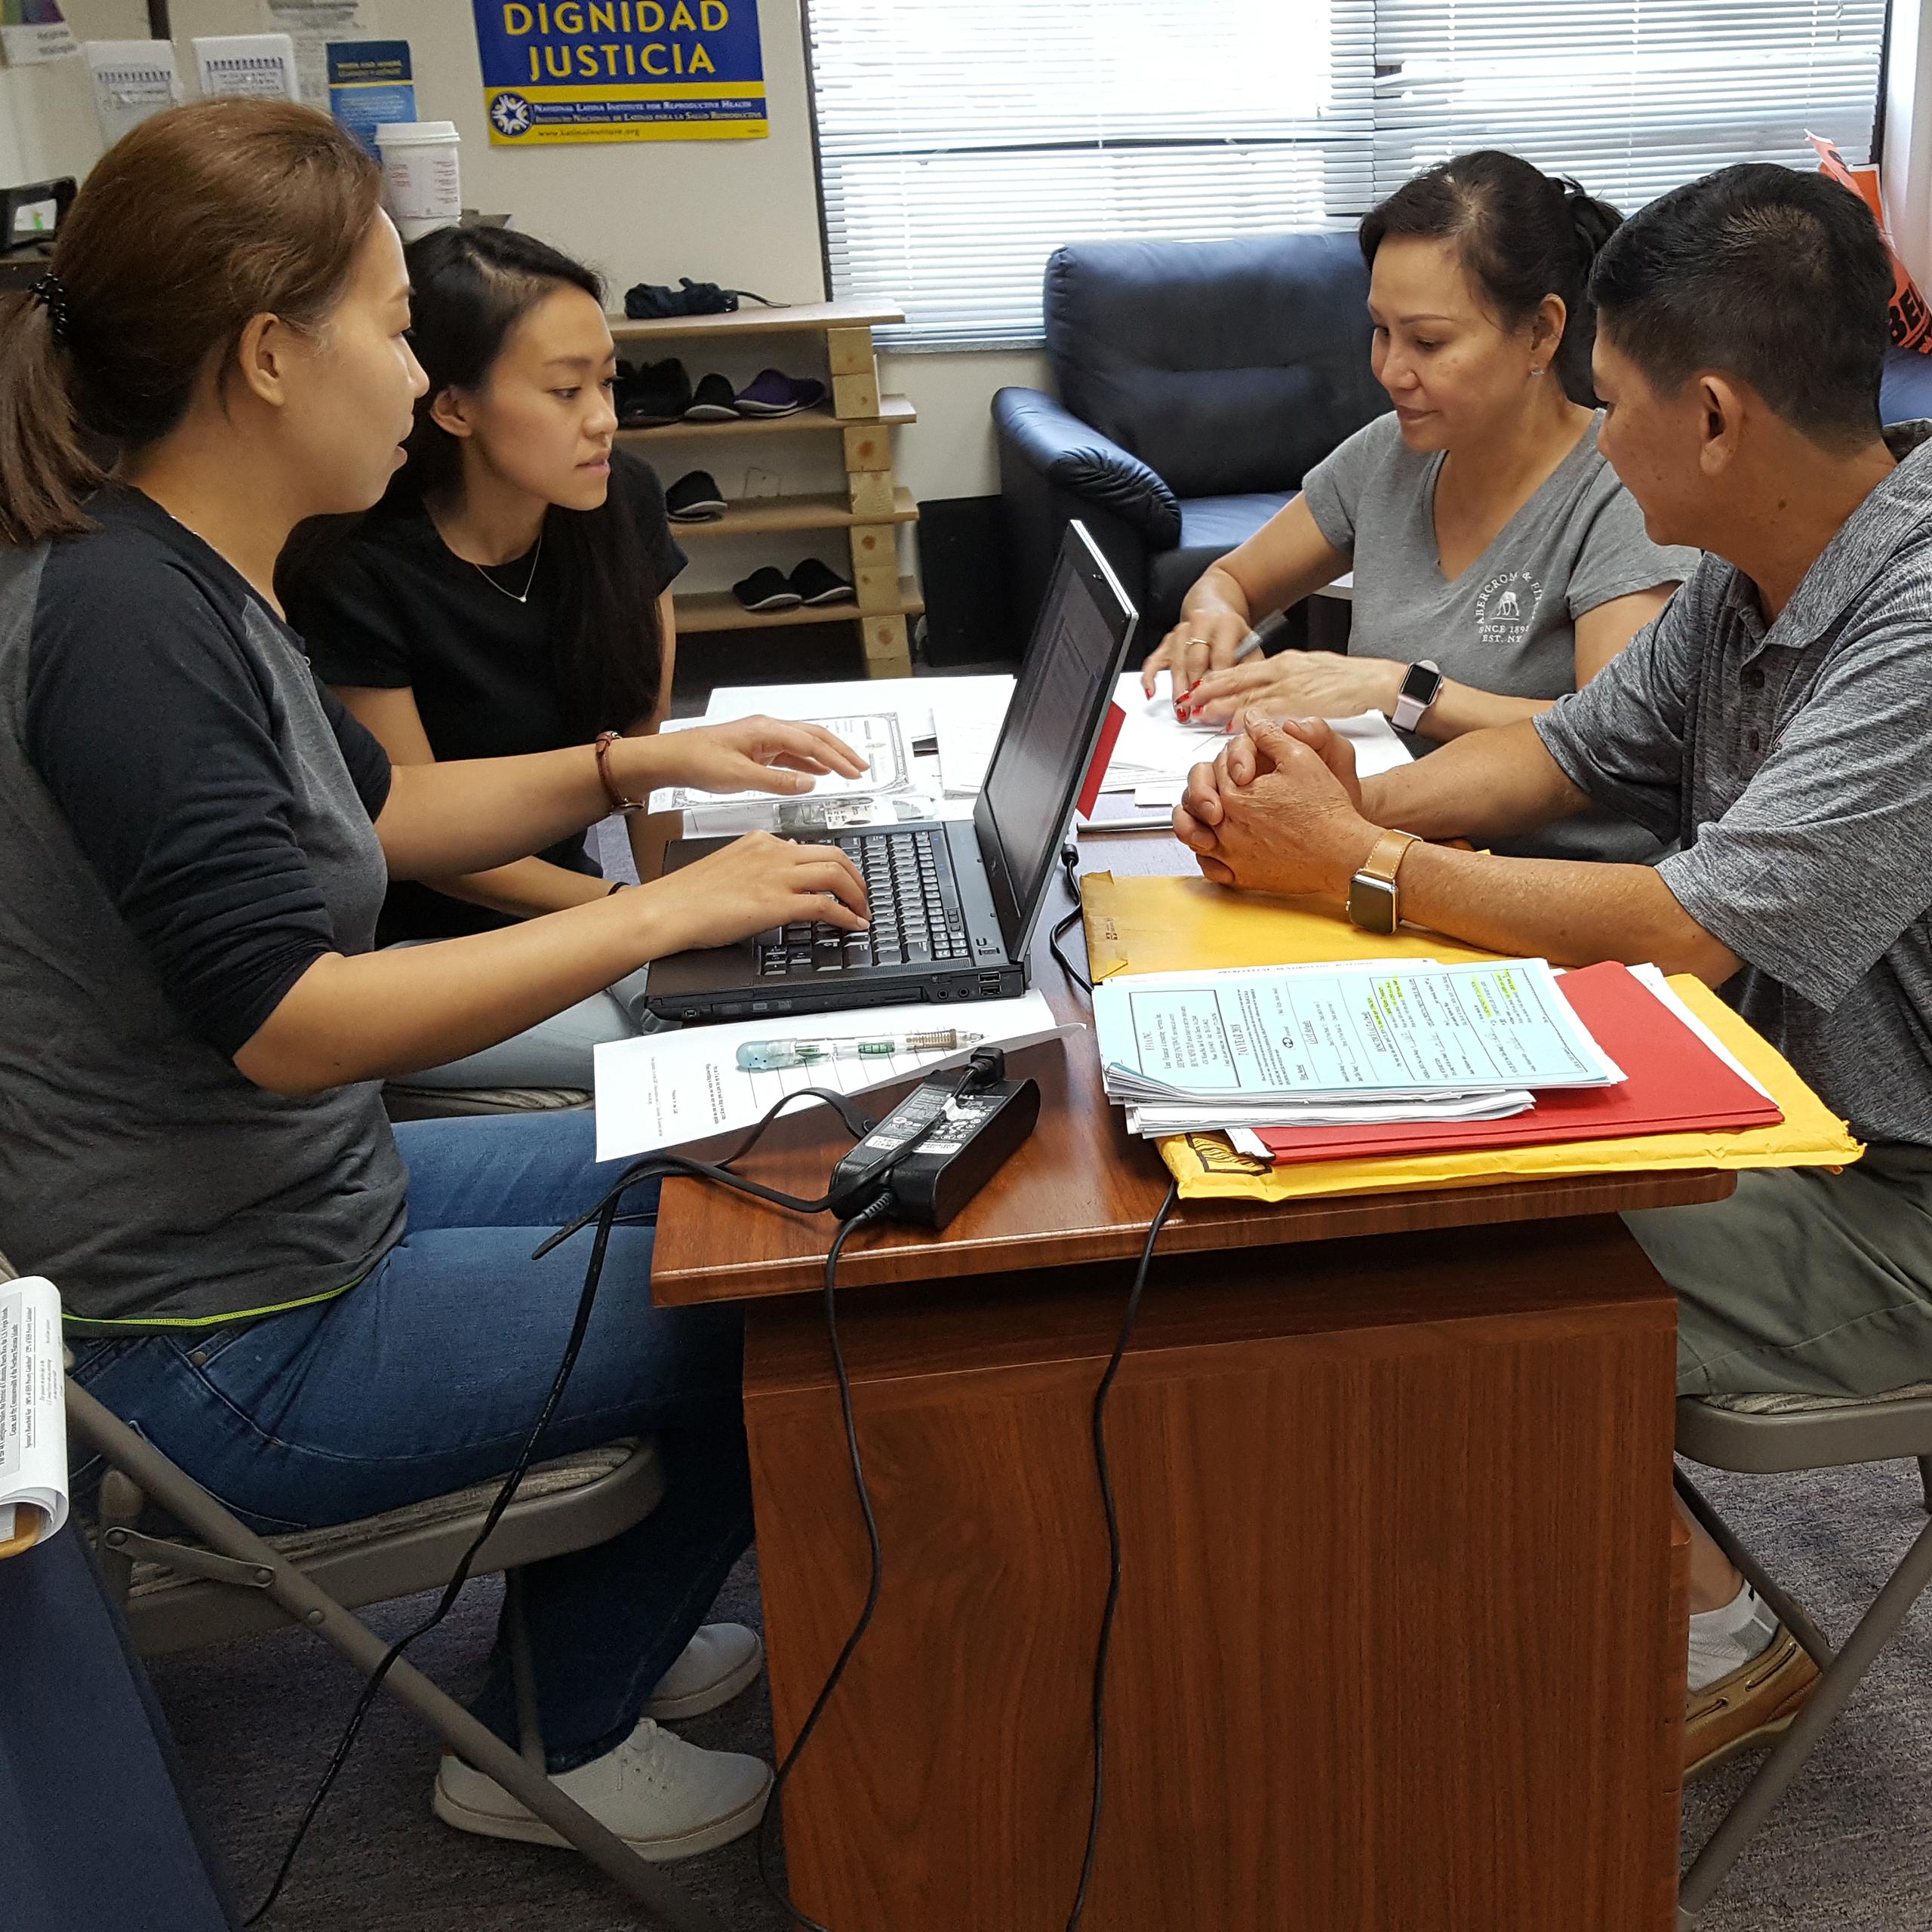 naturalization clinic